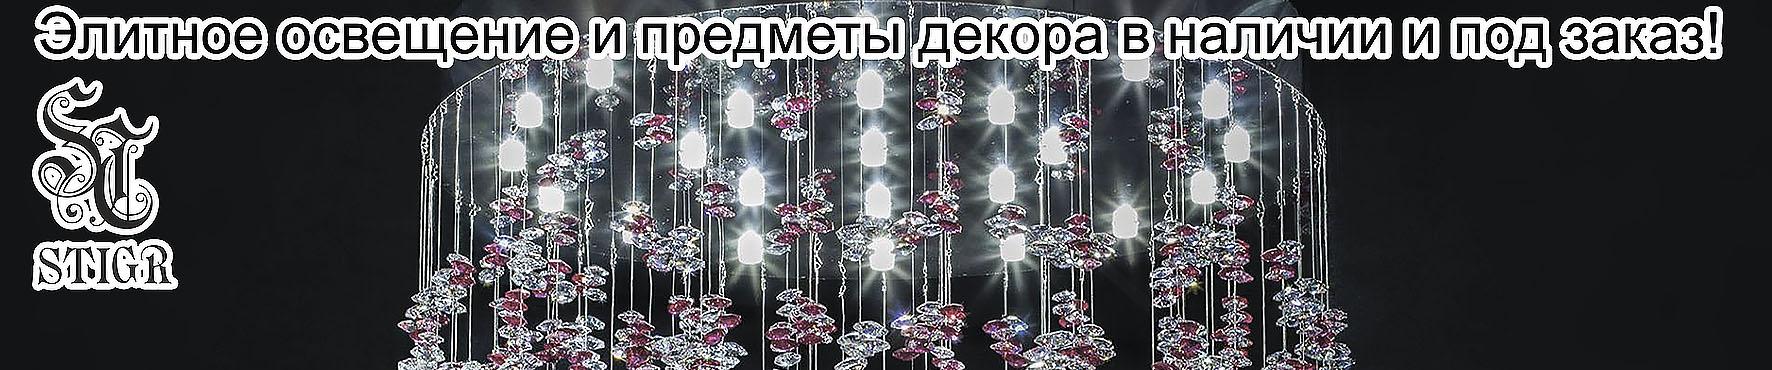 Реклама 3х6 в Чечне Грозный